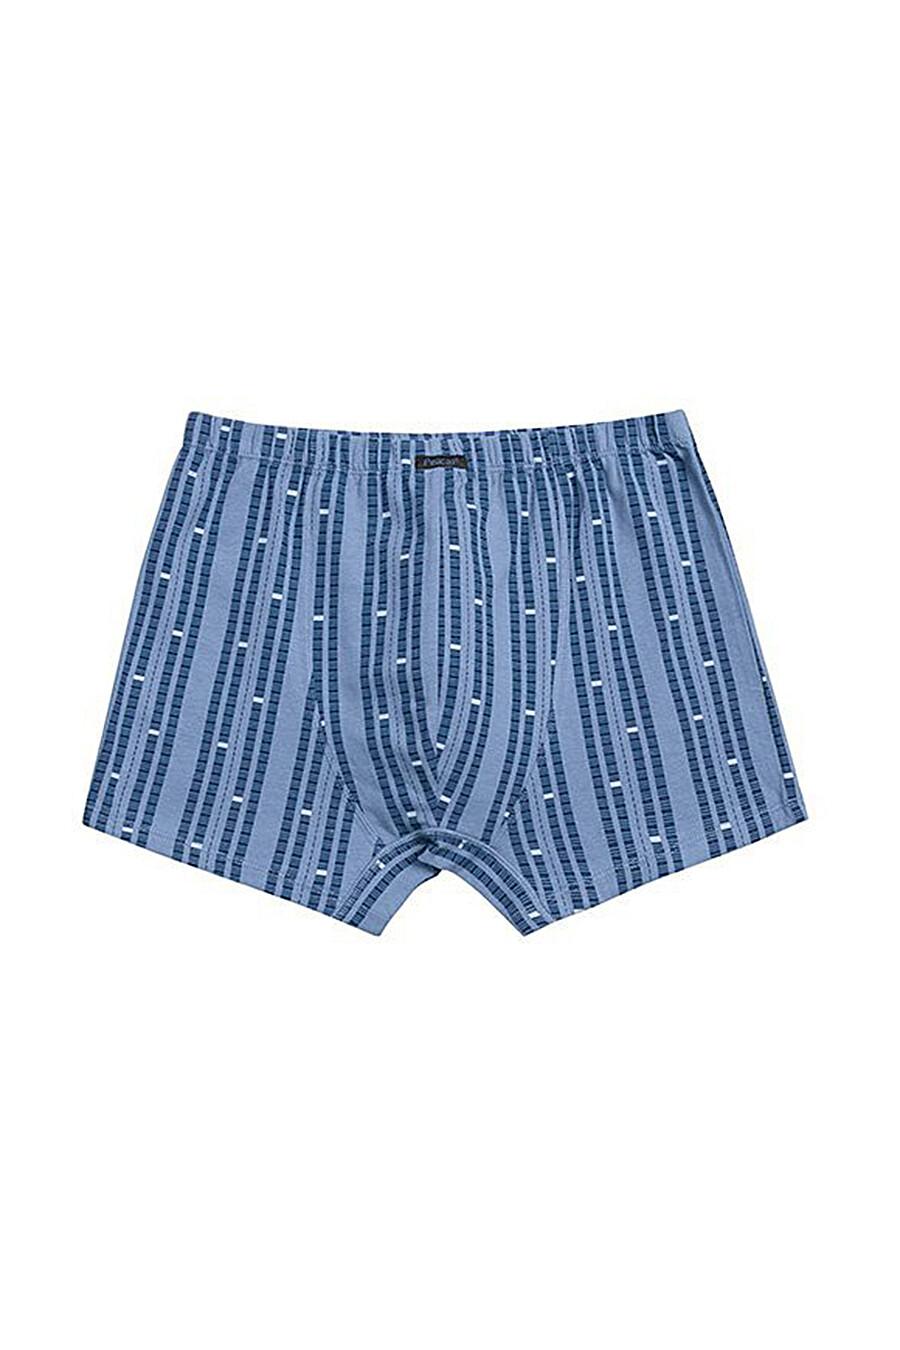 Трусы для мужчин PELICAN 109793 купить оптом от производителя. Совместная покупка мужской одежды в OptMoyo